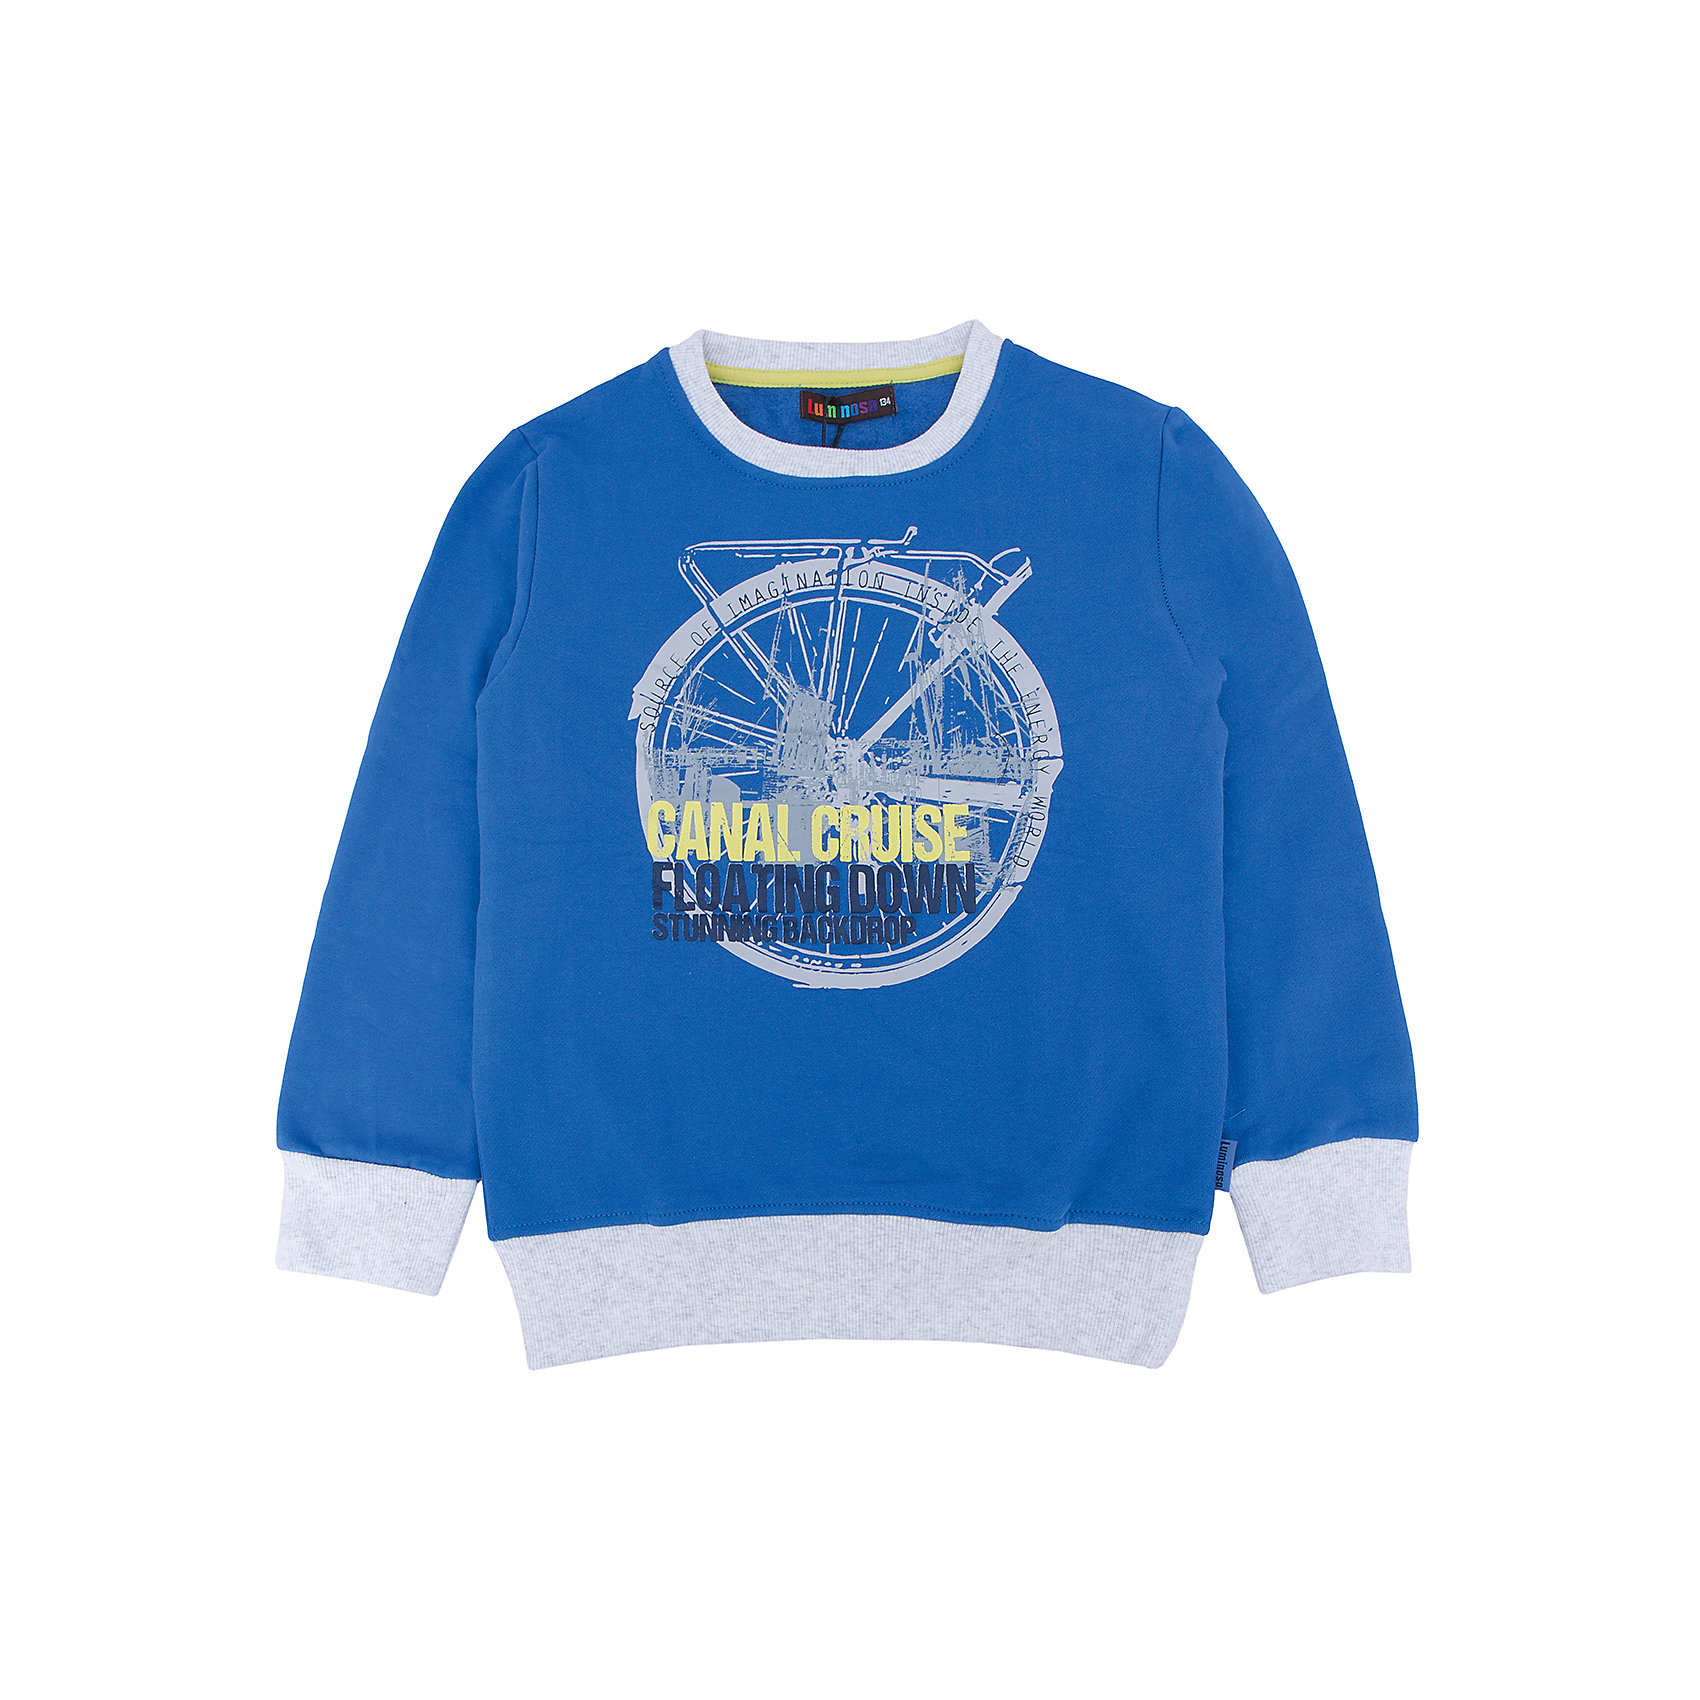 Толстовка для мальчика LuminosoТолстовки<br>Характеристики товара:<br><br>- цвет: синий;<br>- материал: 95% хлопок, 5% эластан;<br>- манжеты;<br>- длинный рукав;<br>- принт.<br><br>Стильная одежда от бренда Luminoso (Люминосо), созданная при участии итальянских дизайнеров, учитывает потребности подростков и последние веяния моды. Она удобная и модная.<br>Эта стильная толстовка идеальна для прохладной погоды. Он хорошо сидит на ребенке, обеспечивает комфорт и отлично сочетается с одежной разных стилей. Модель отличается высоким качеством материала и продуманным дизайном.<br><br>Толстовку для мальчика от бренда Luminoso (Люминосо) можно купить в нашем интернет-магазине.<br><br>Ширина мм: 190<br>Глубина мм: 74<br>Высота мм: 229<br>Вес г: 236<br>Цвет: синий<br>Возраст от месяцев: 132<br>Возраст до месяцев: 144<br>Пол: Мужской<br>Возраст: Детский<br>Размер: 152,158,164,134,140,146<br>SKU: 4930893